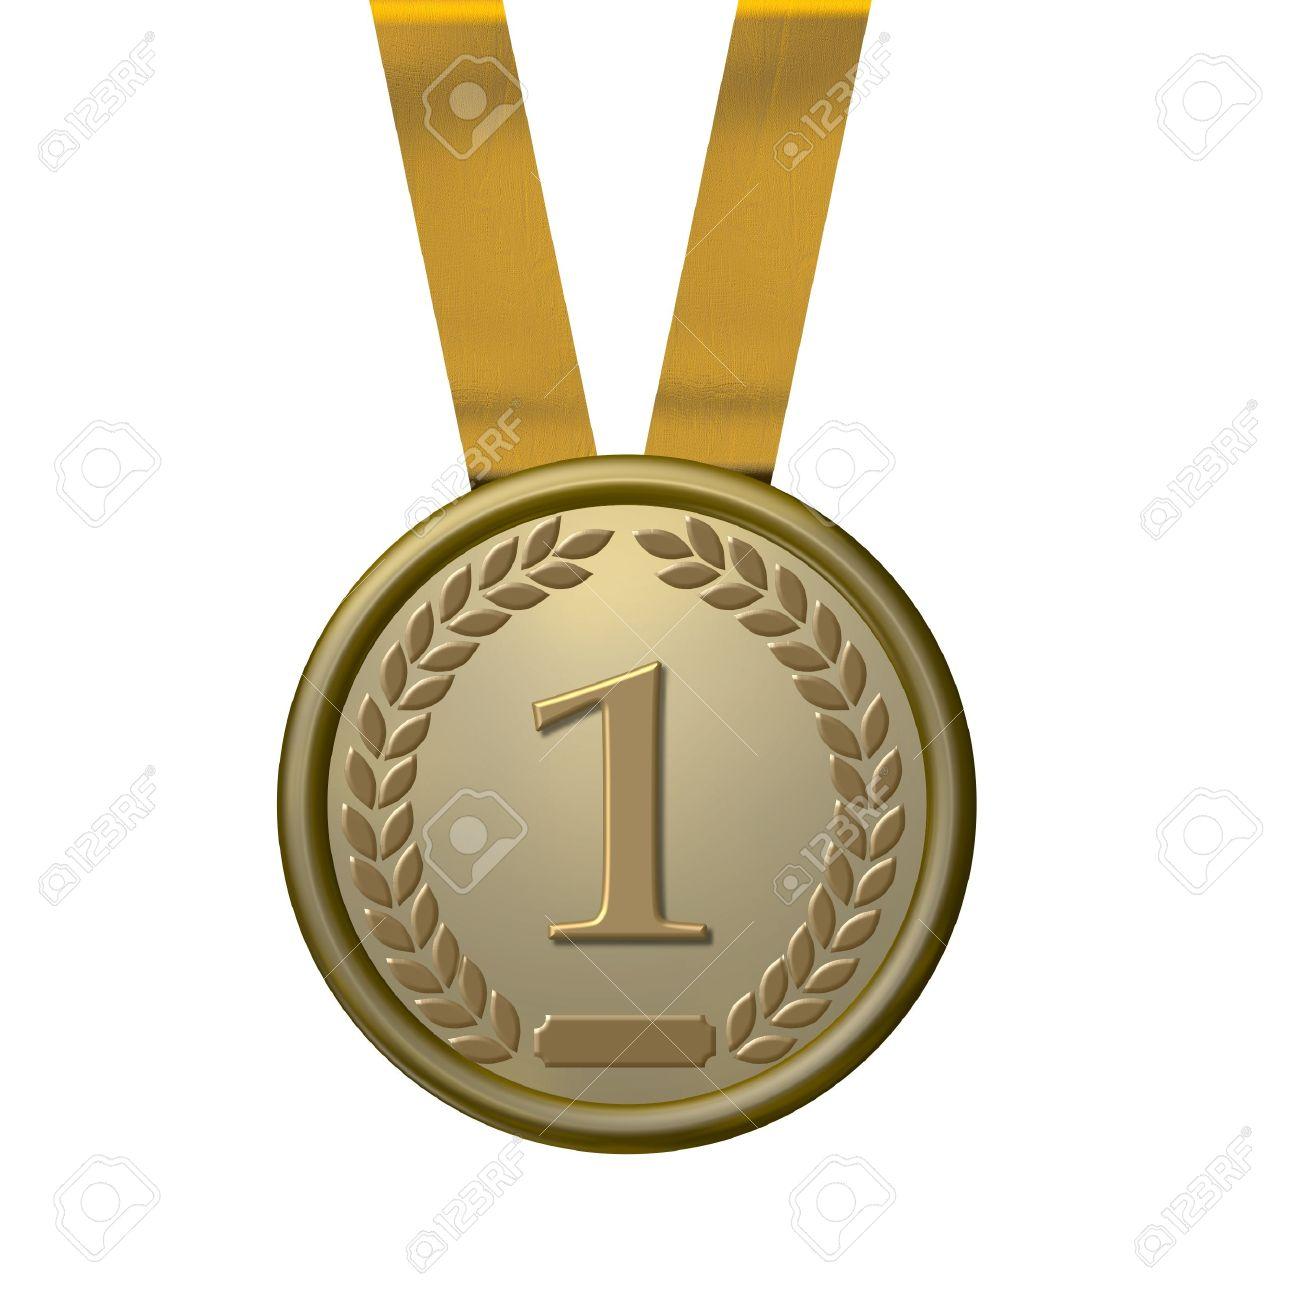 [Imagen: 6701148-ilustraci%C3%B3n-de-una-medalla-de-oro-.jpg]